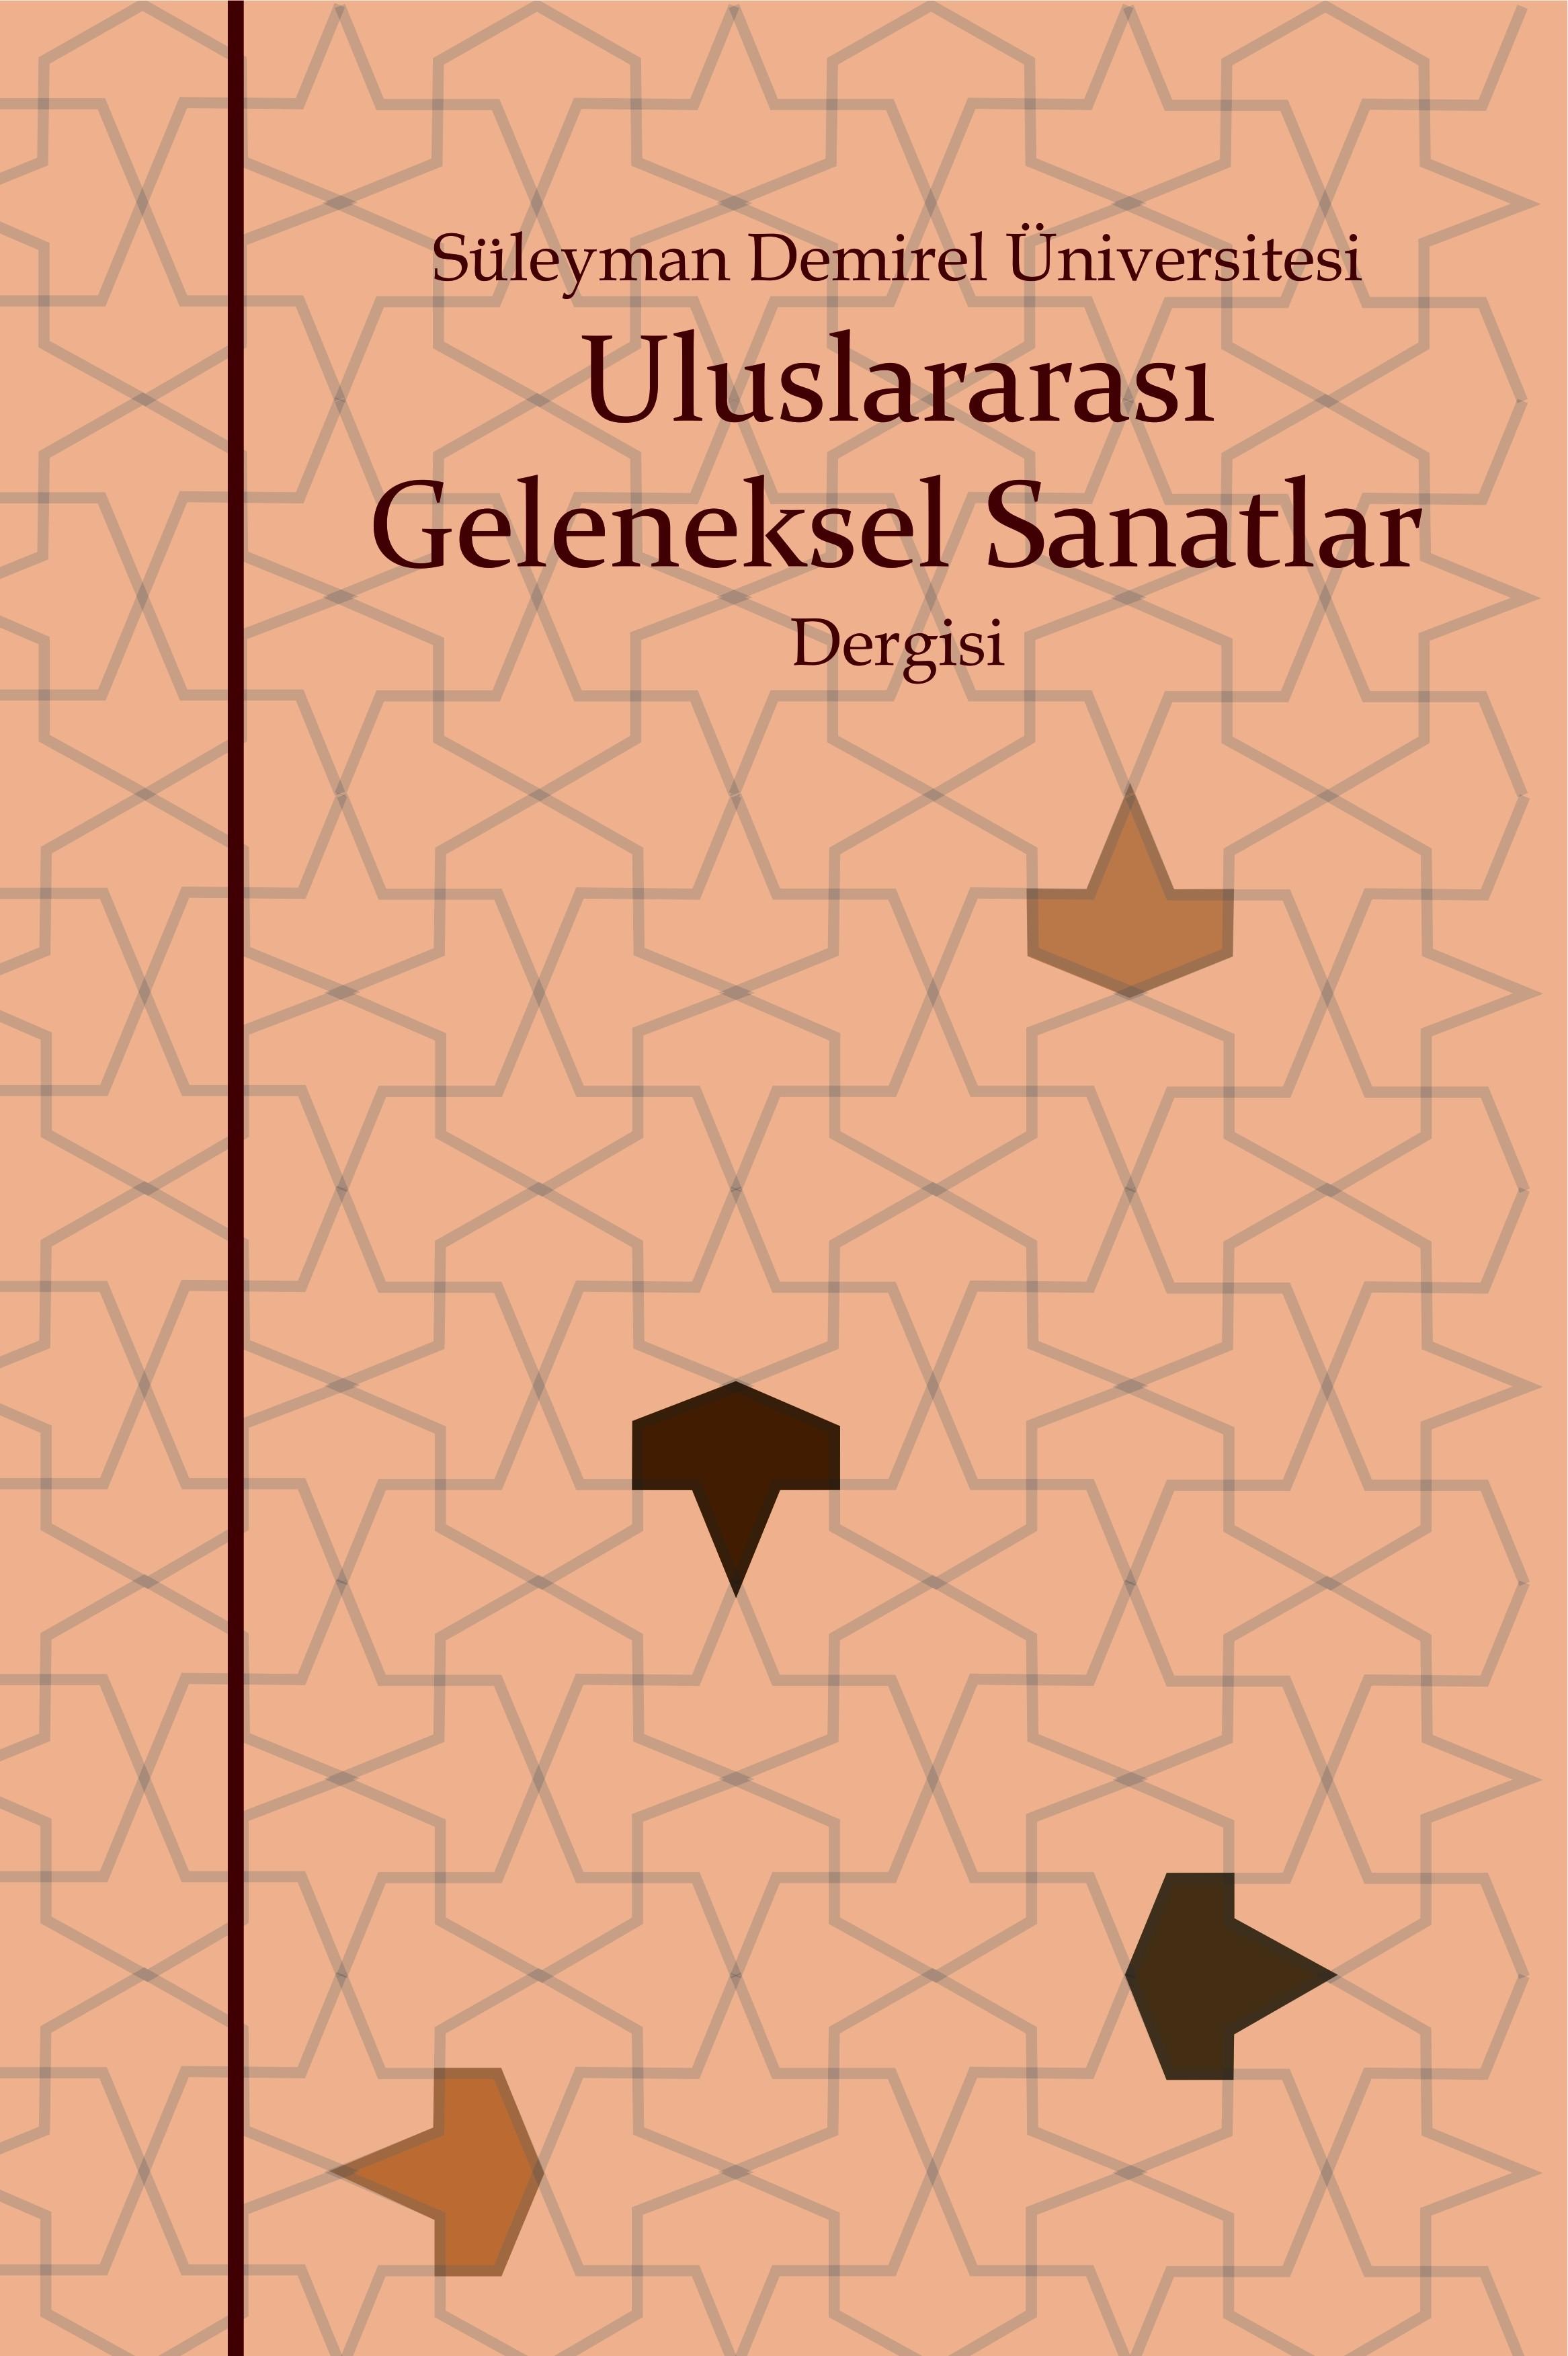 Süleyman Demirel Üniversitesi Uluslararası Geleneksel Sanatlar Dergisi